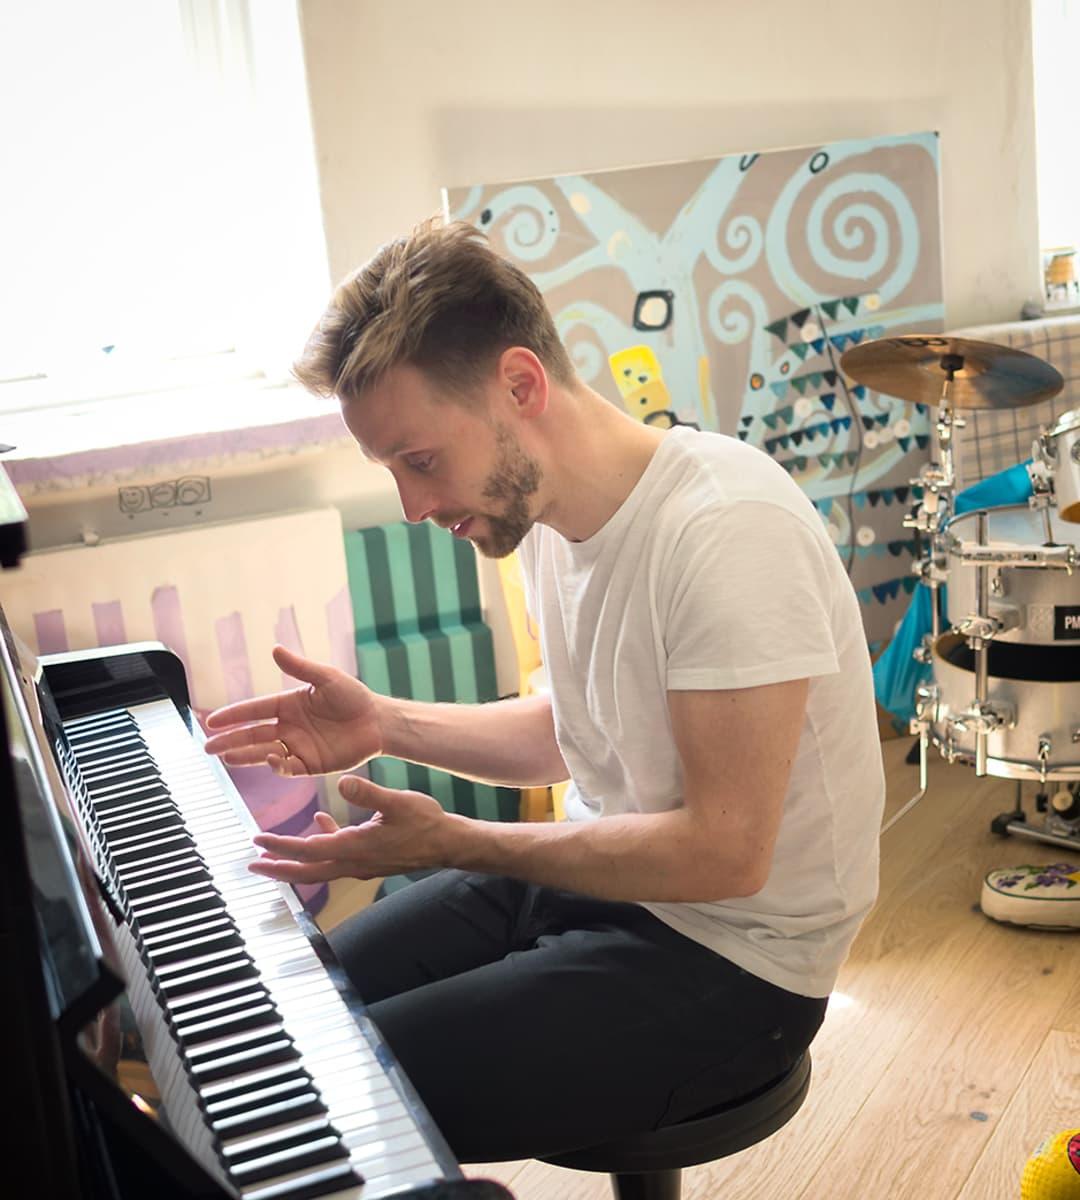 Reino Nordin kotonaan pianon ääressä. Taustalla näkyy öljyvärimaalaus ja rumpusetti.